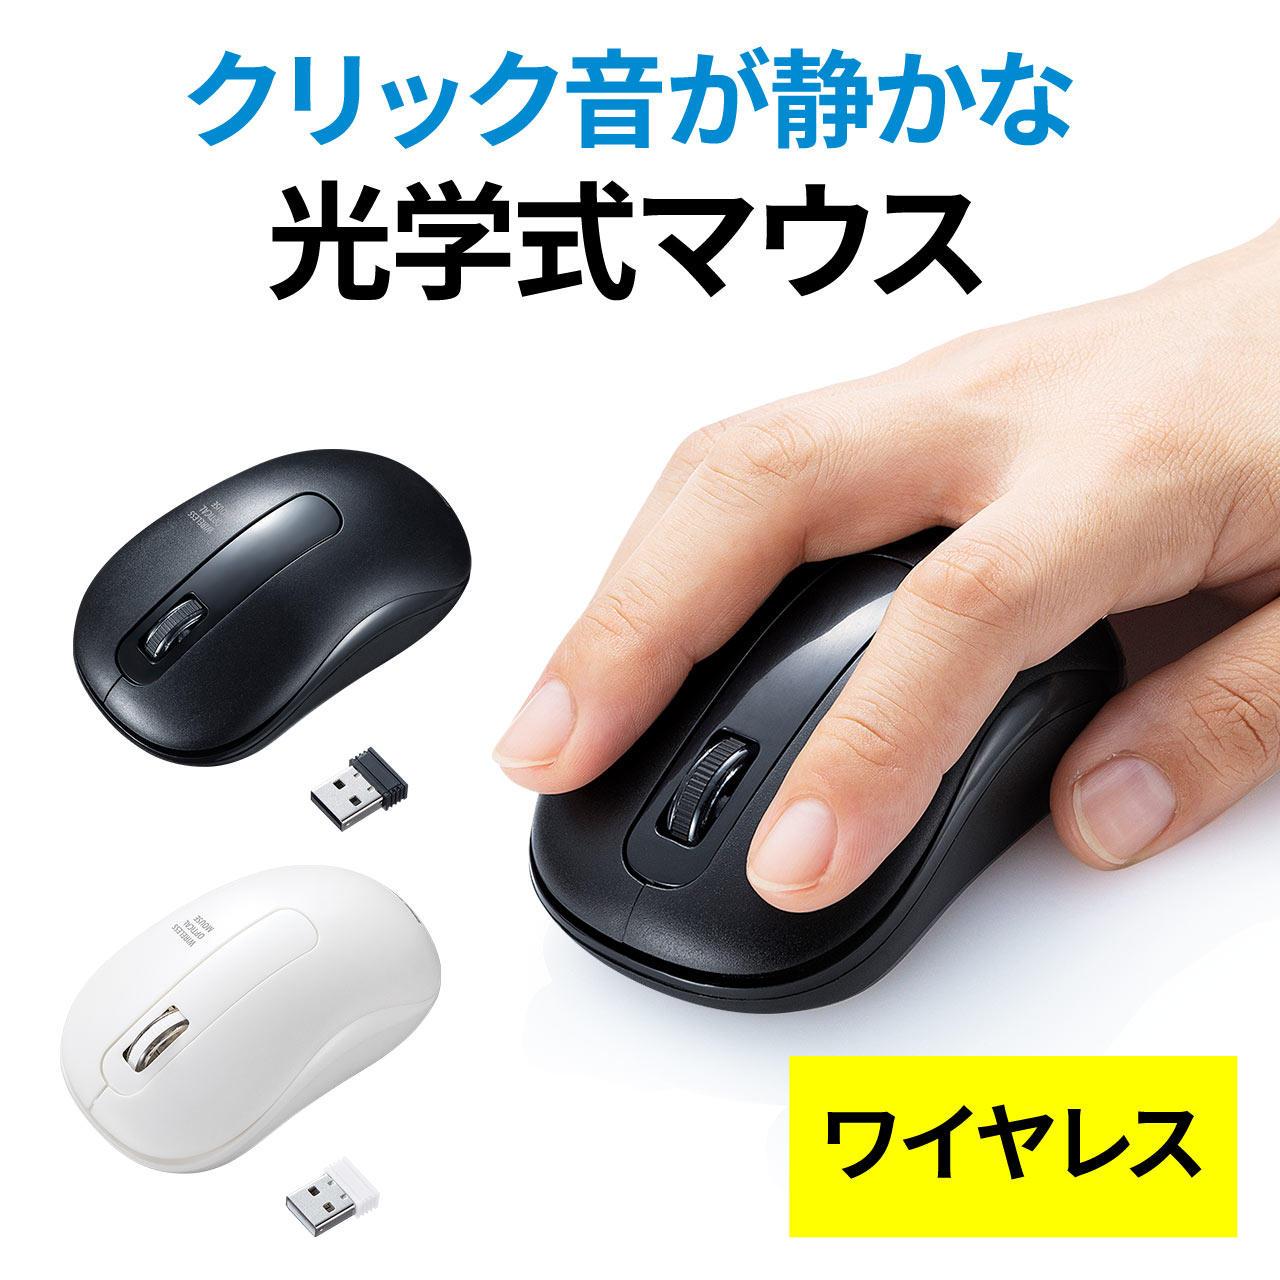 sanwa 400-MA123.JPG